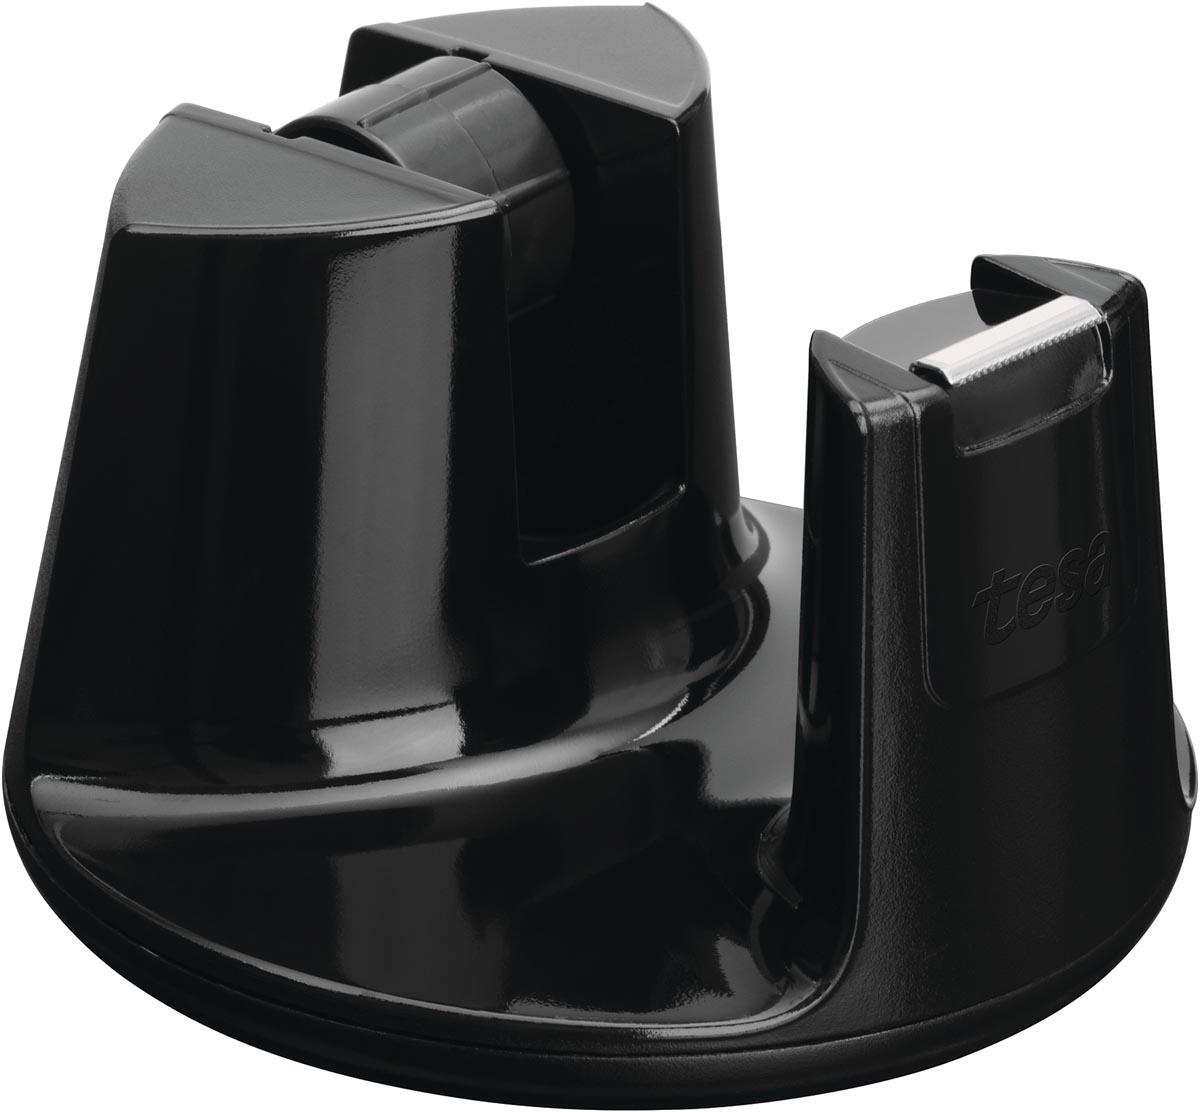 Tesa plakbandafroller Easy Cut Compact, voor rollen van ft 33 m x 19 mm, zwart